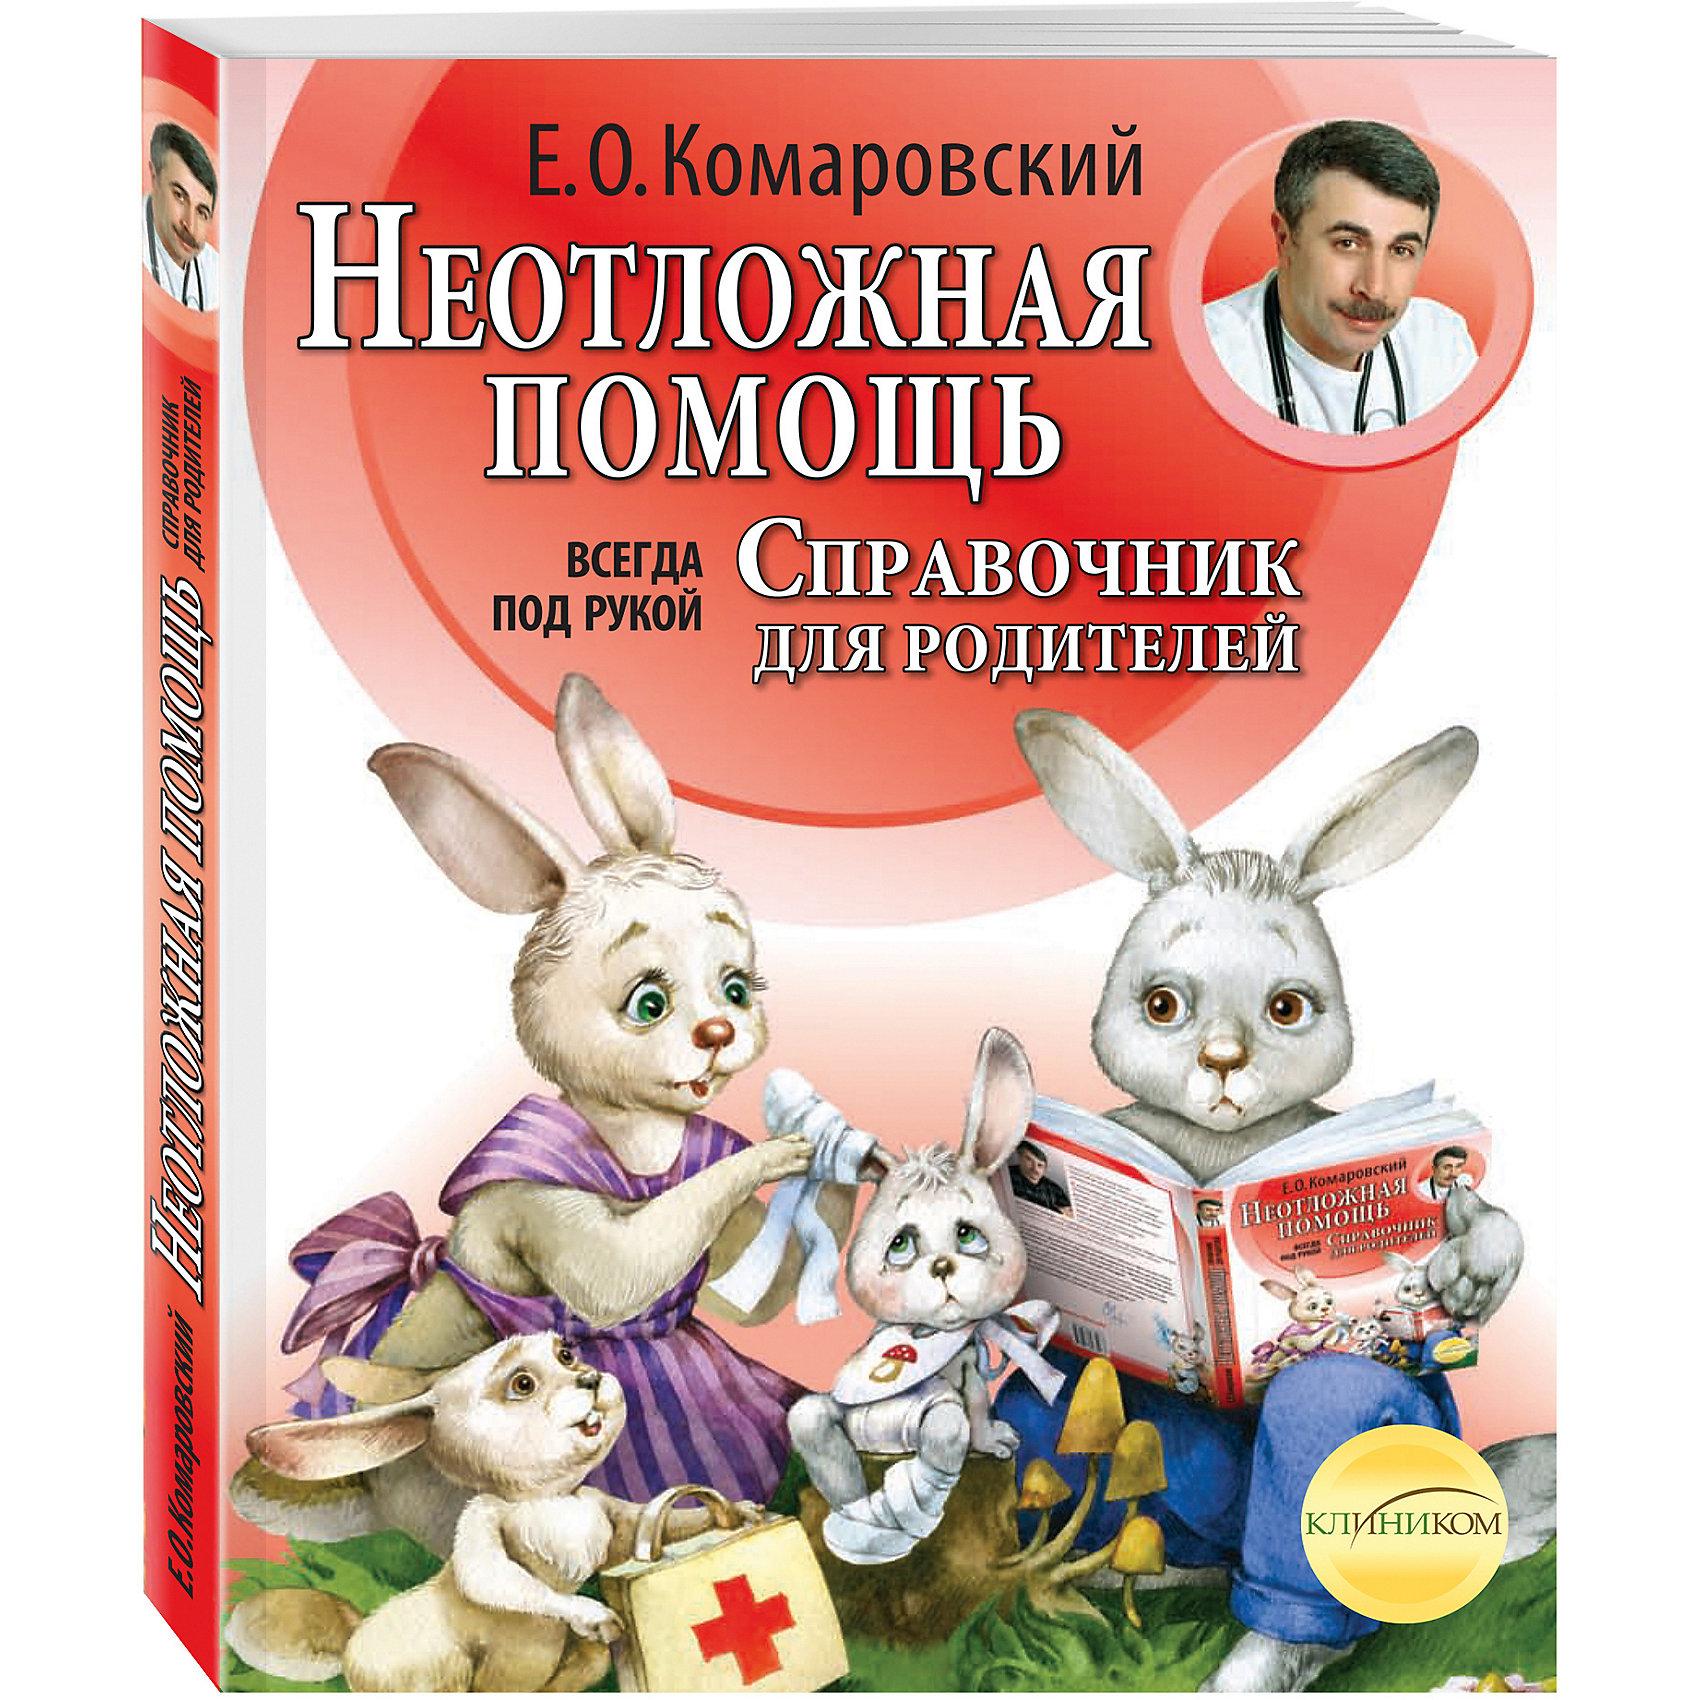 Эксмо Книга Неотложная помощь: справочник для родителей. Всегда под рукой цена